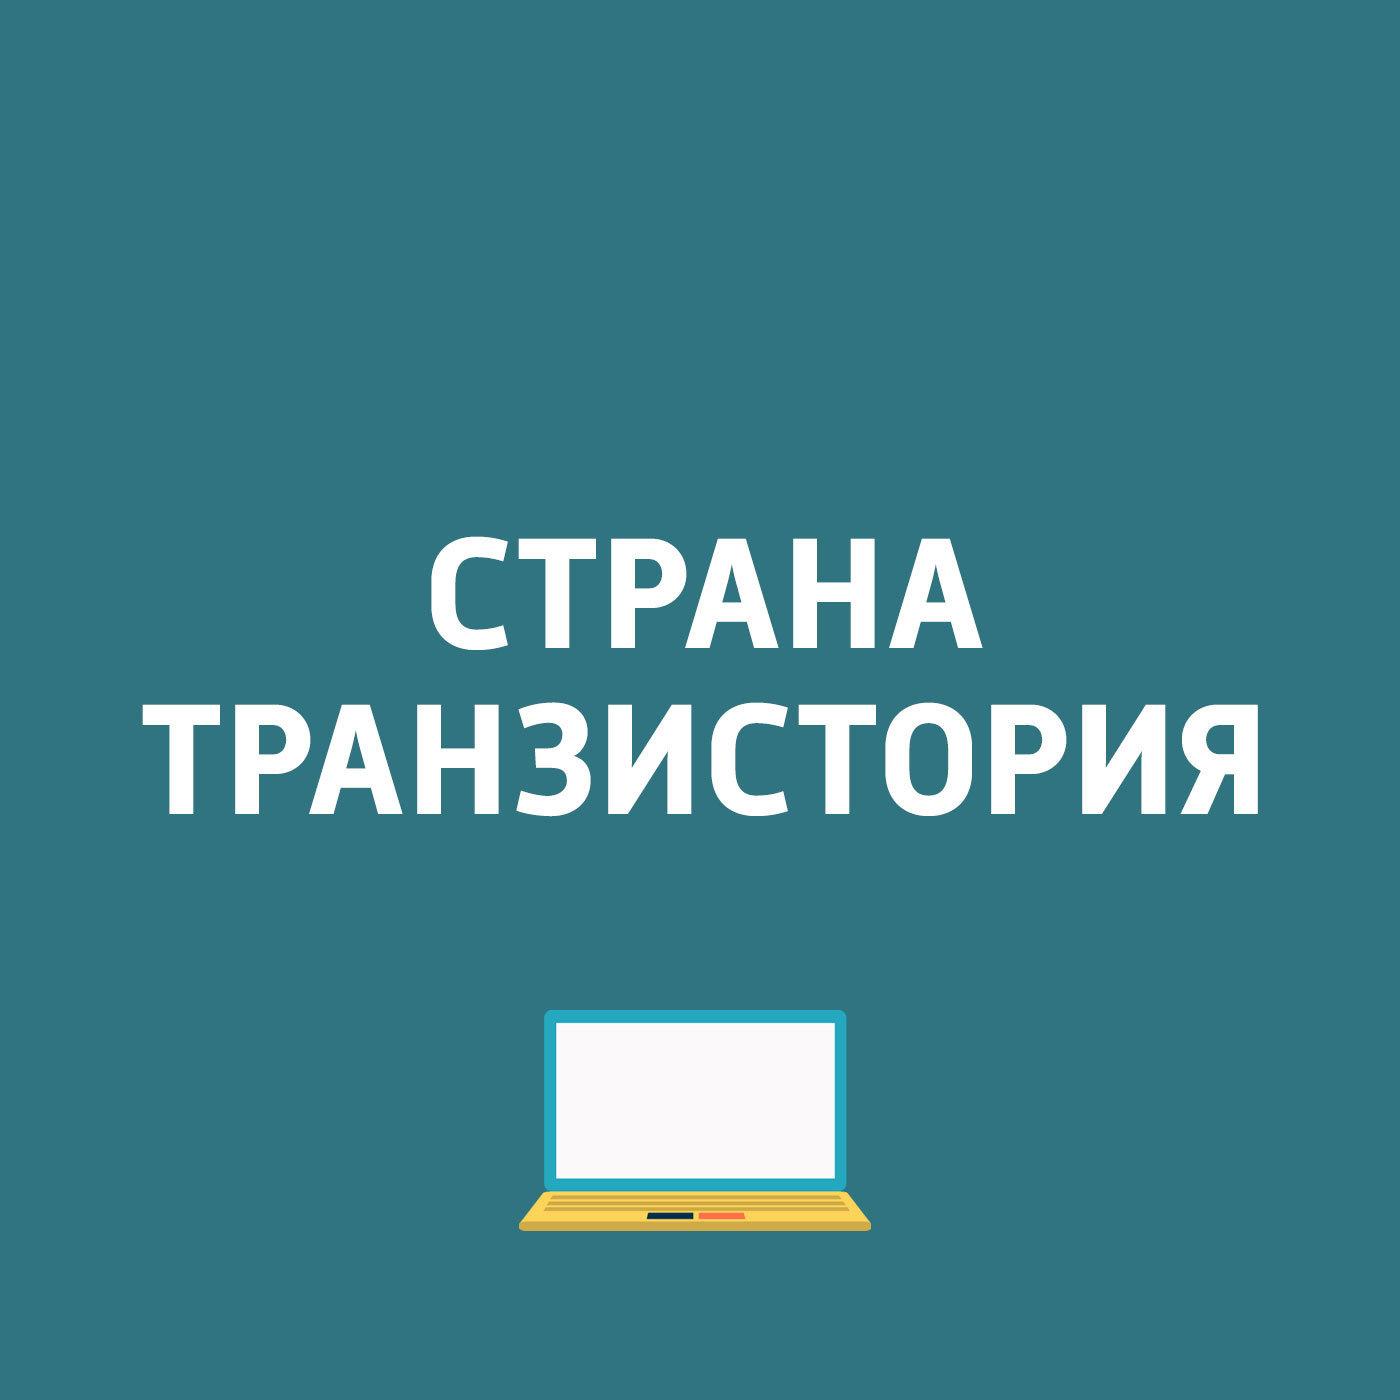 Картаев Павел Смартфоны Xiaomi со скидкой; Минфин запретит рассчитываться криптовалютой; Нейросеть предскажет обвал биткойна; Новые таможенные правила для интернет-покупок нейросеть